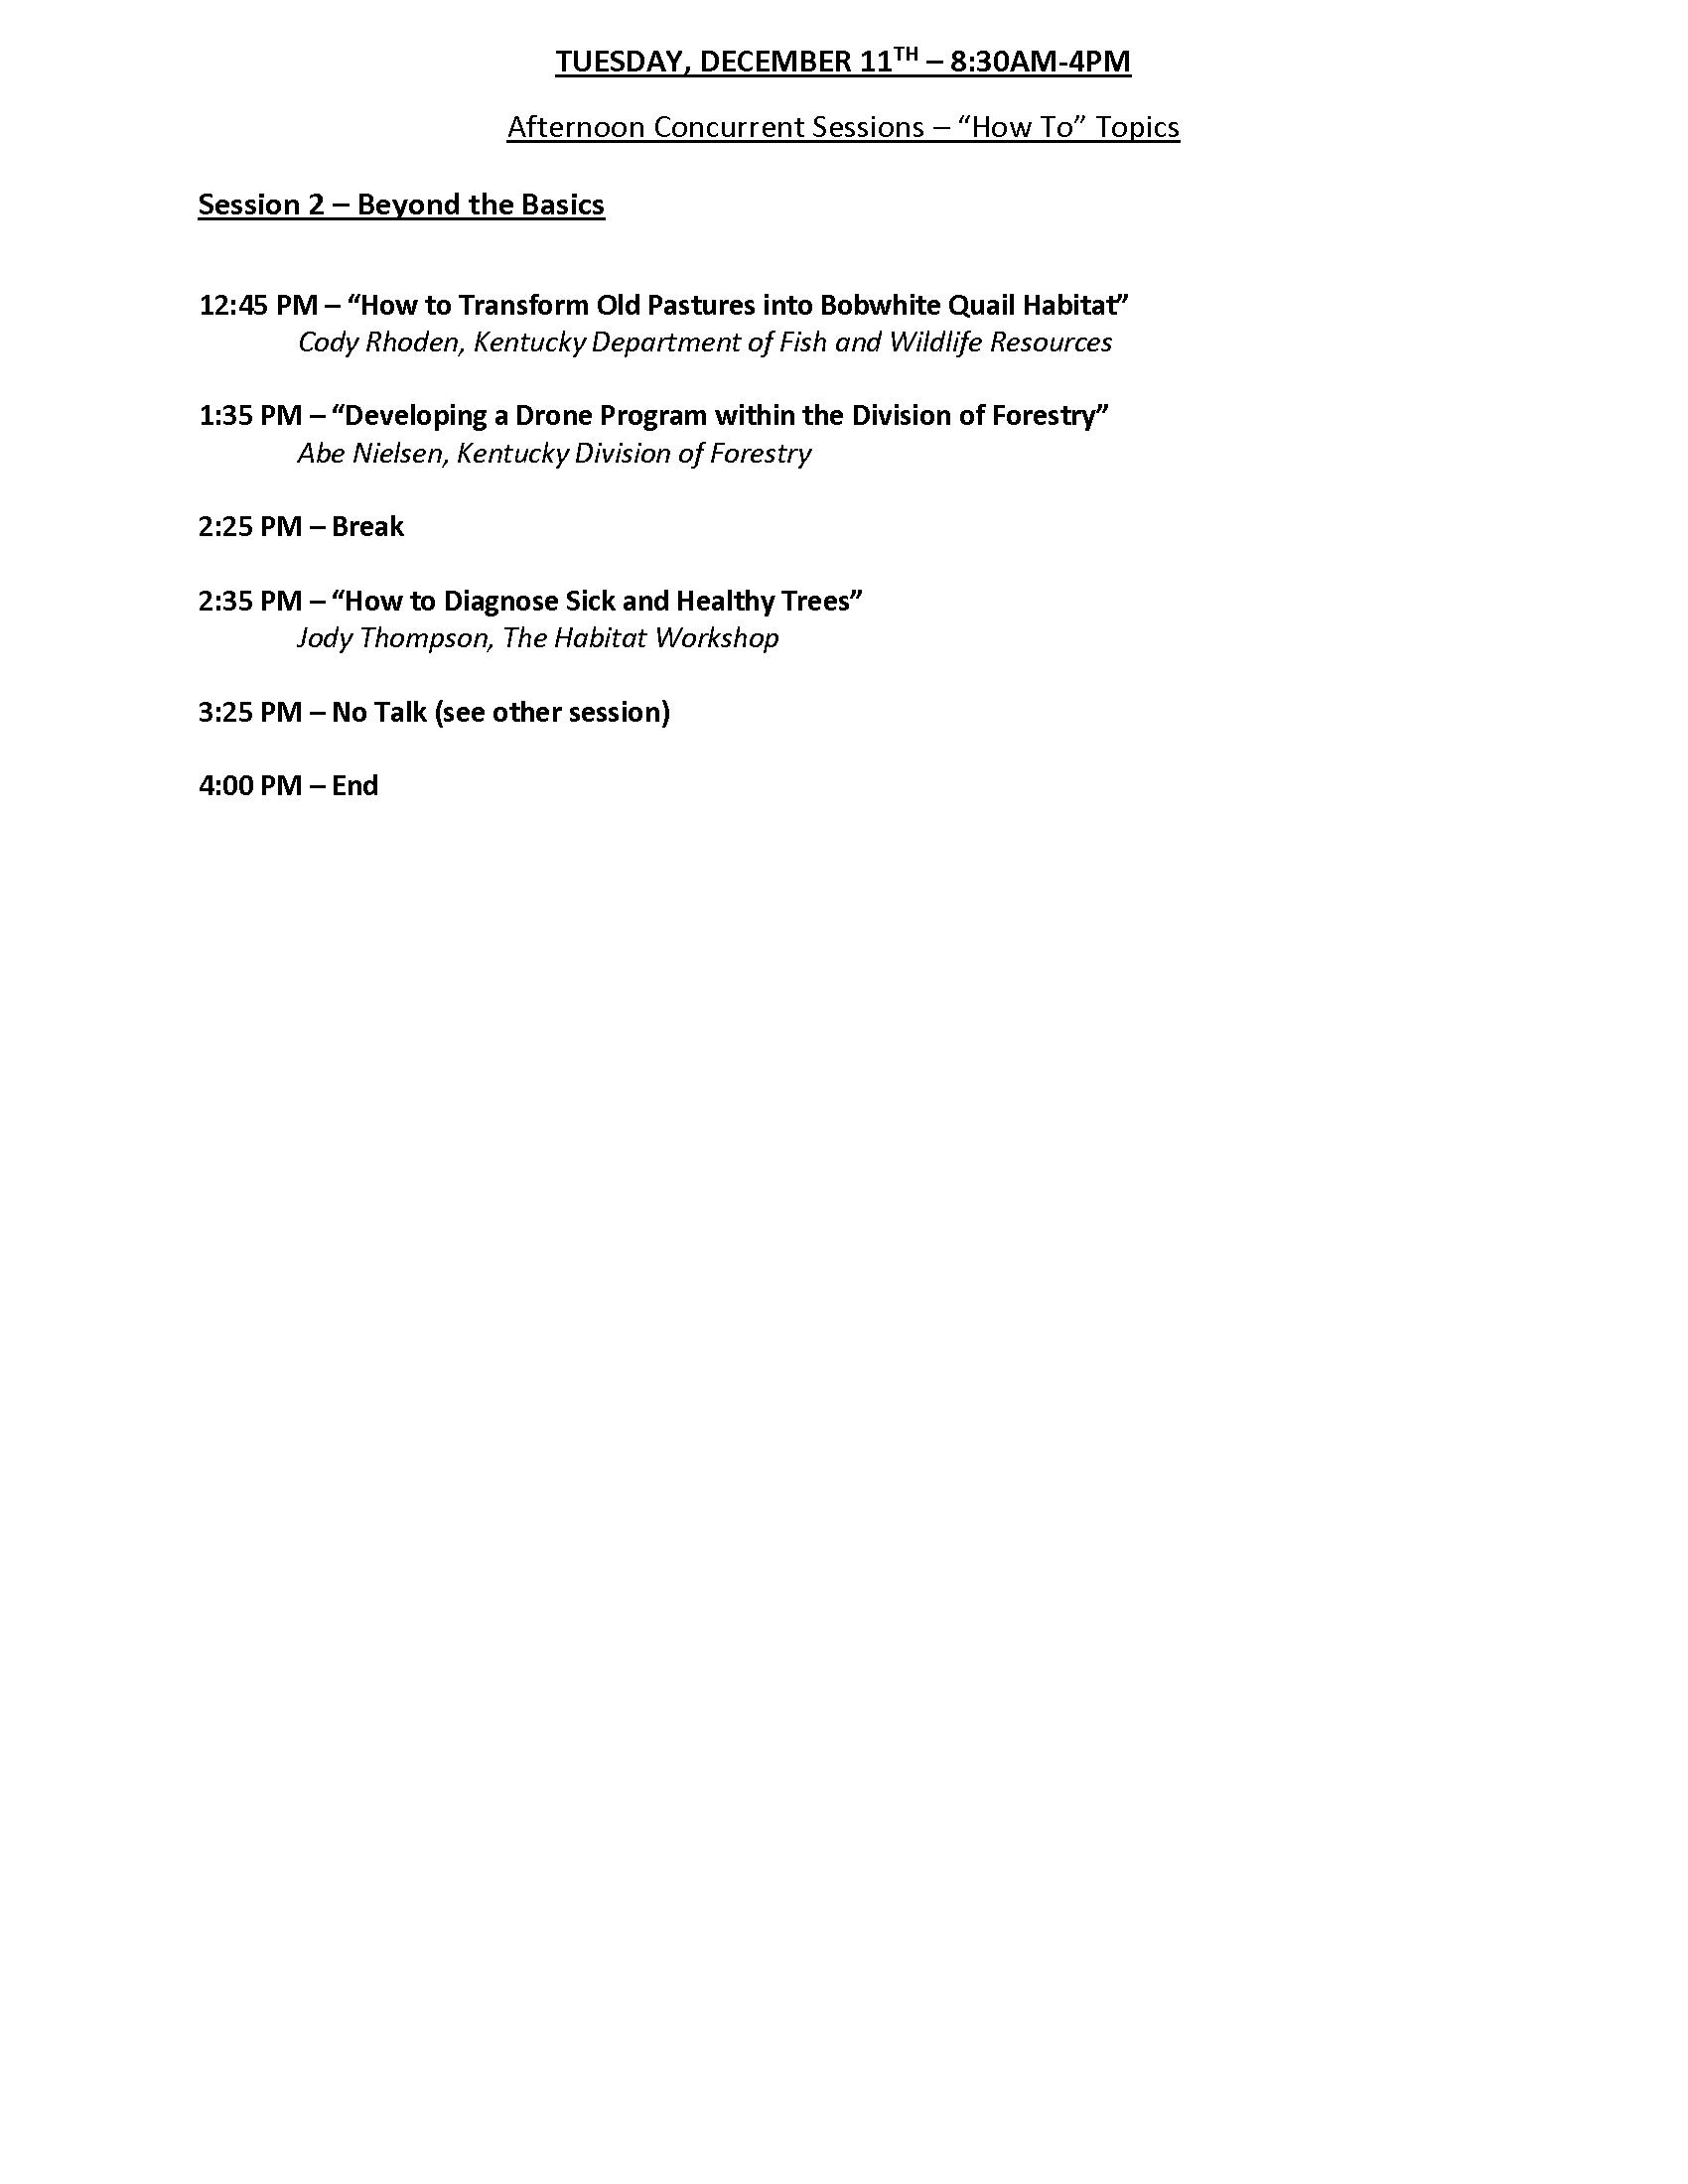 Symposium Agenda - Copy_Page_3.png